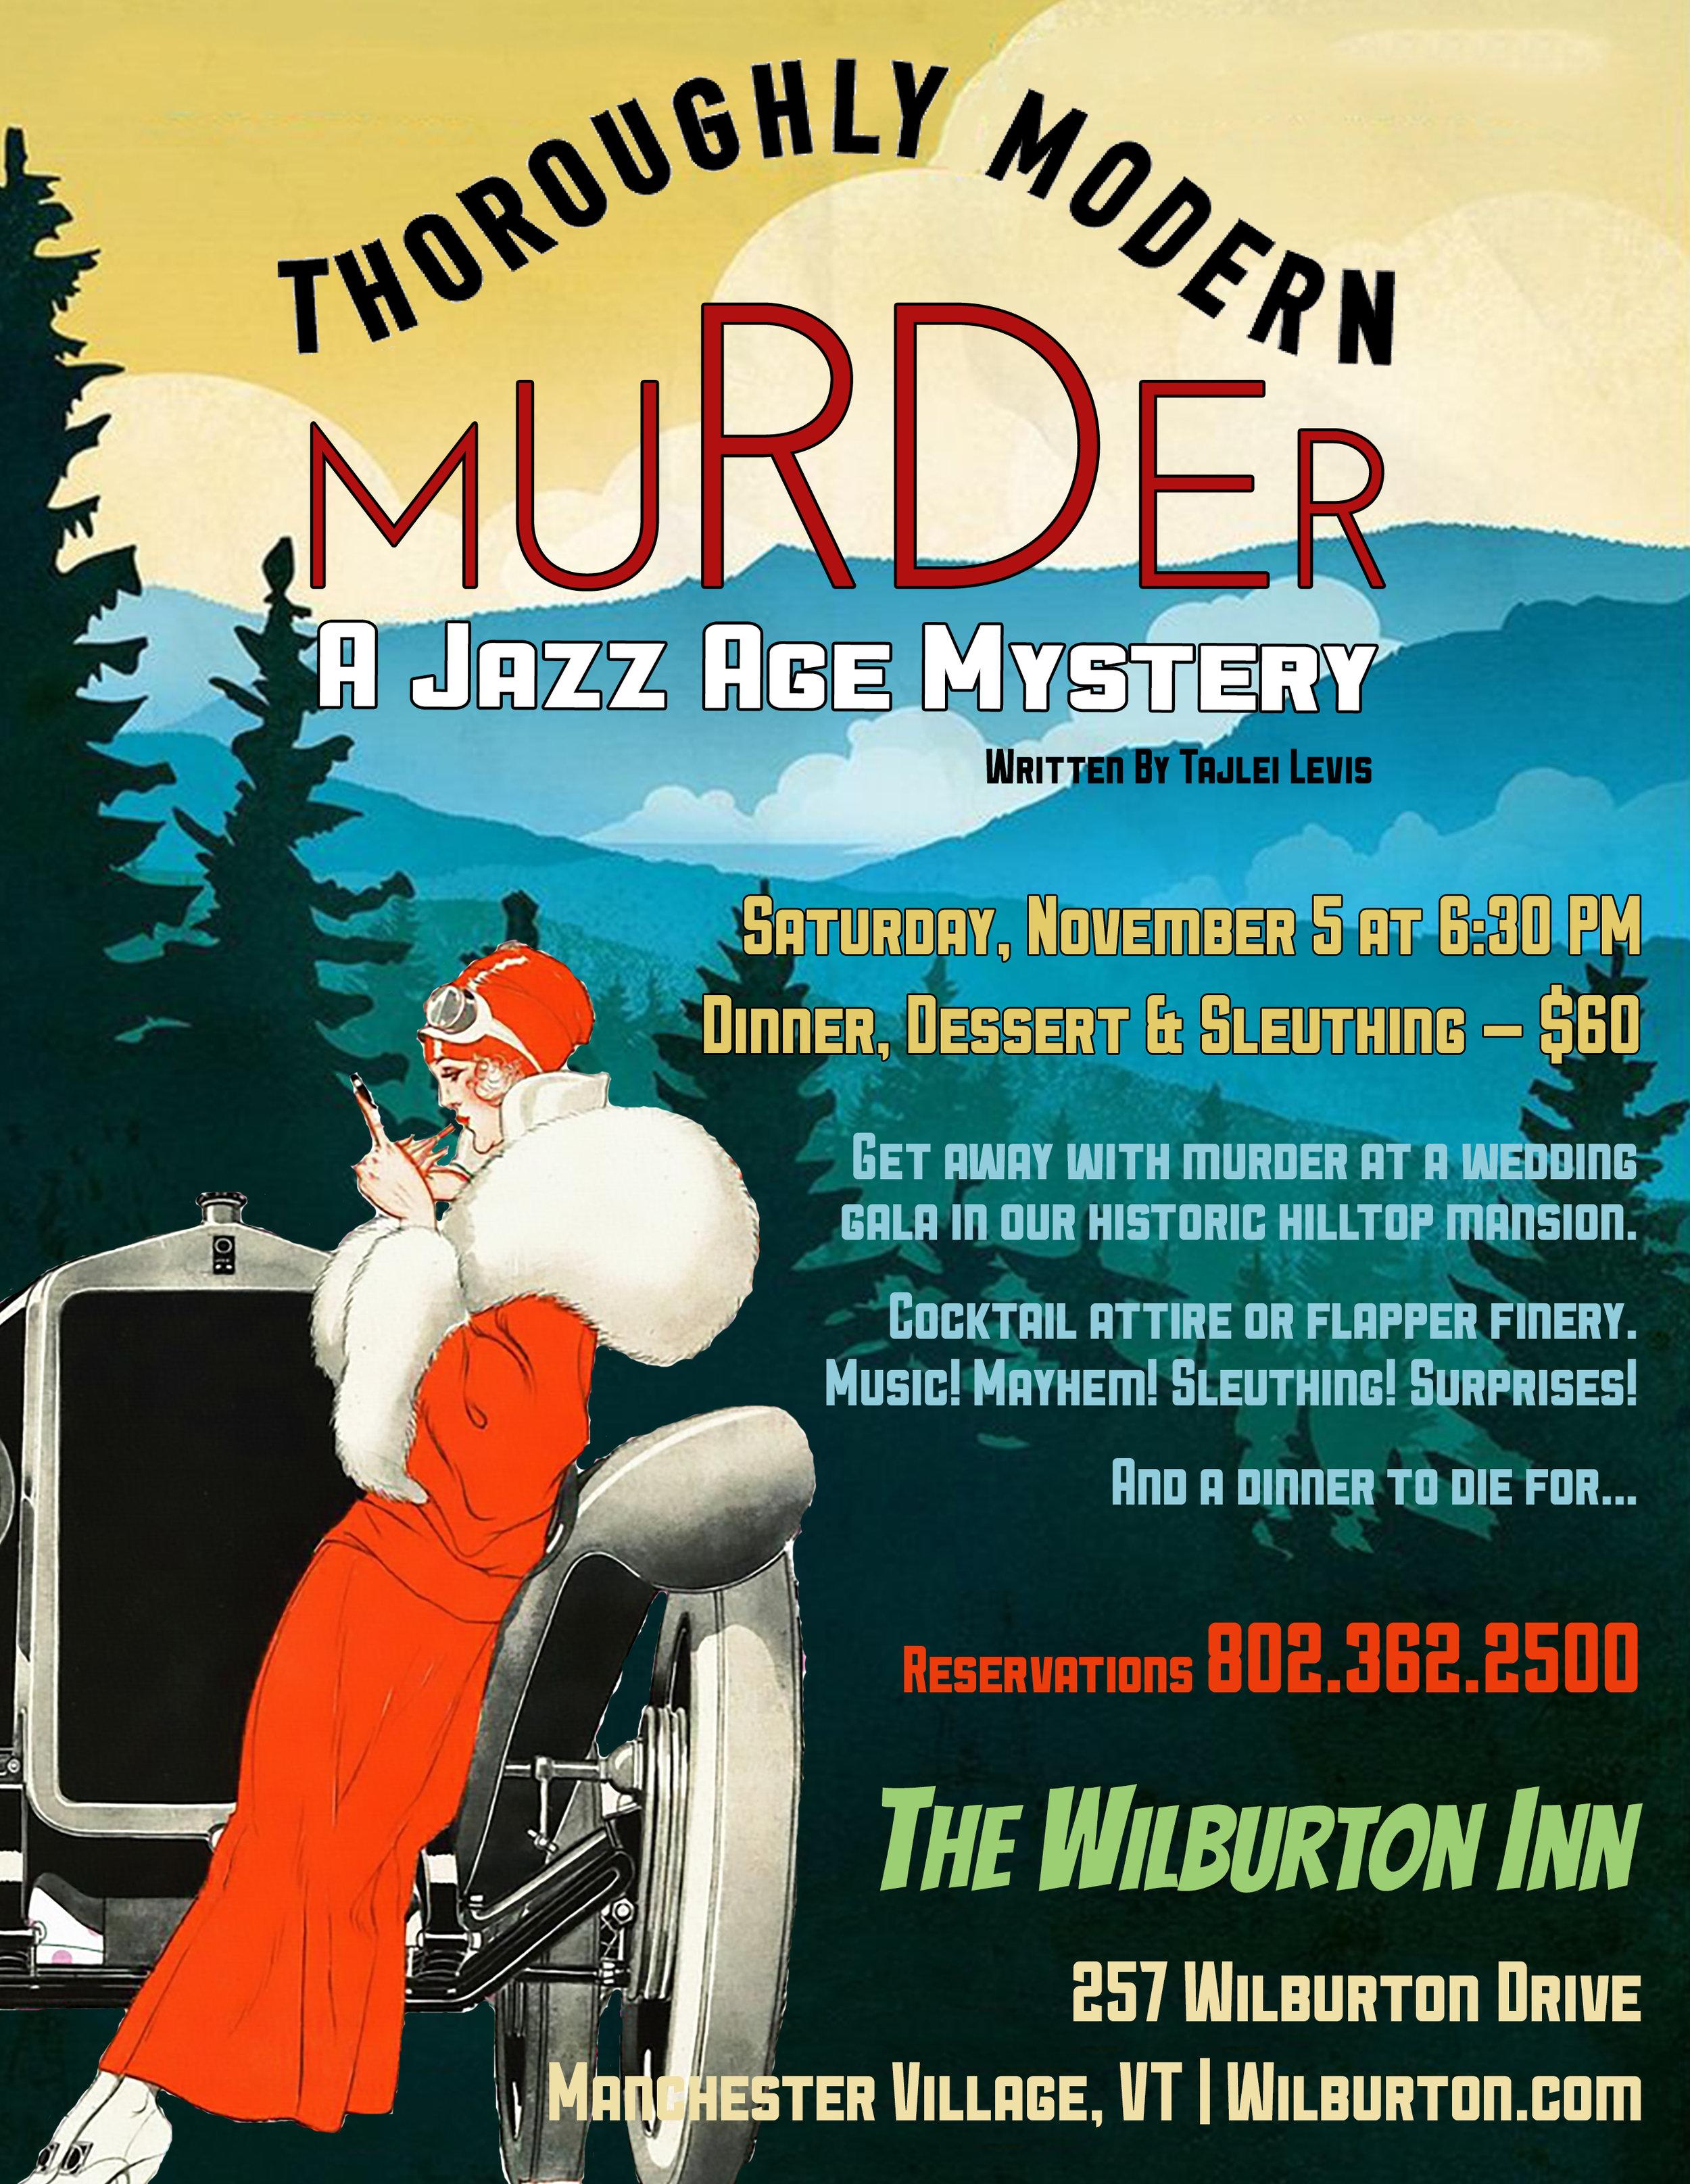 Murder Myster Night at the Wilburton Inn in Manchester Vermont